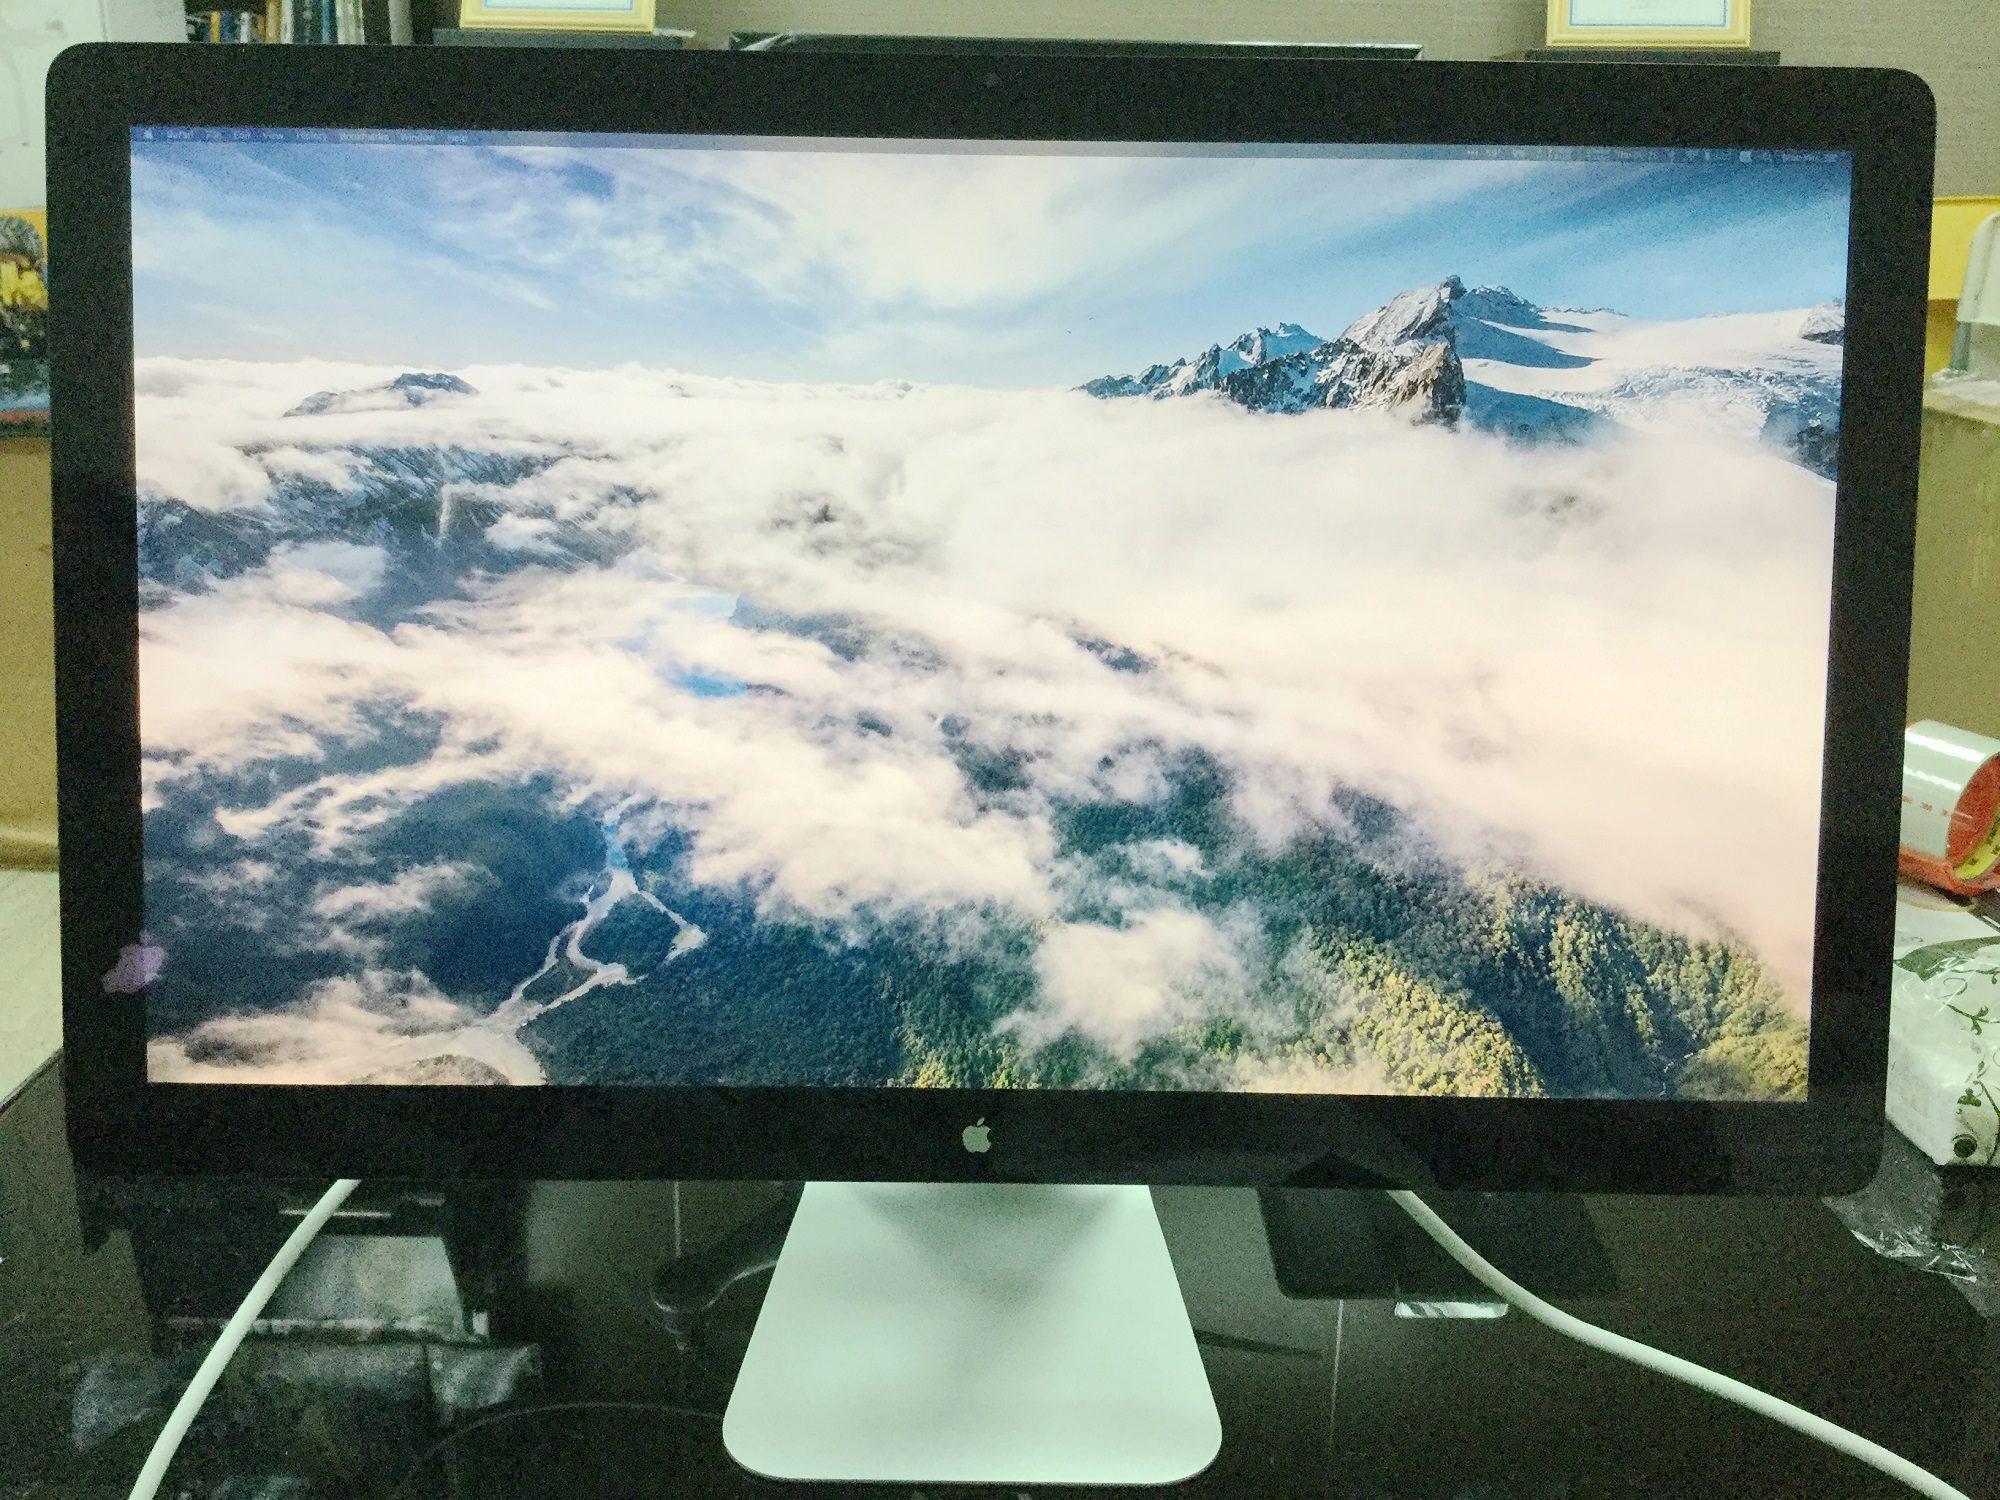 Apple螢幕